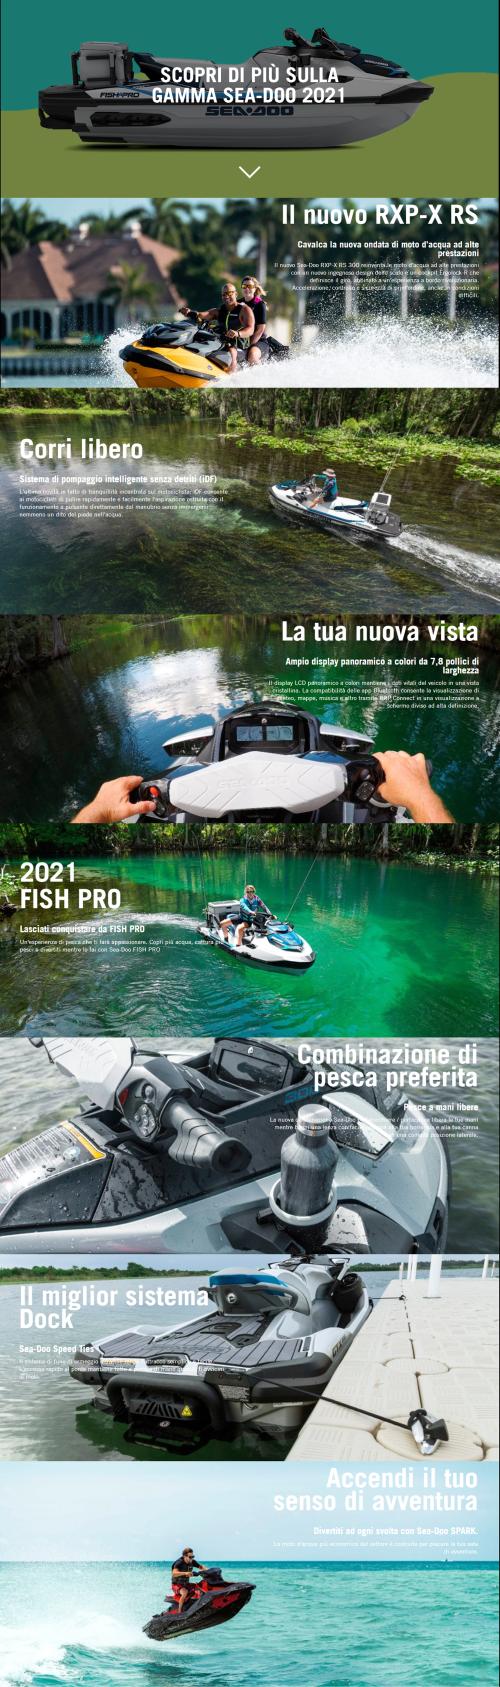 2021 SeaDoo Stone 0833556398